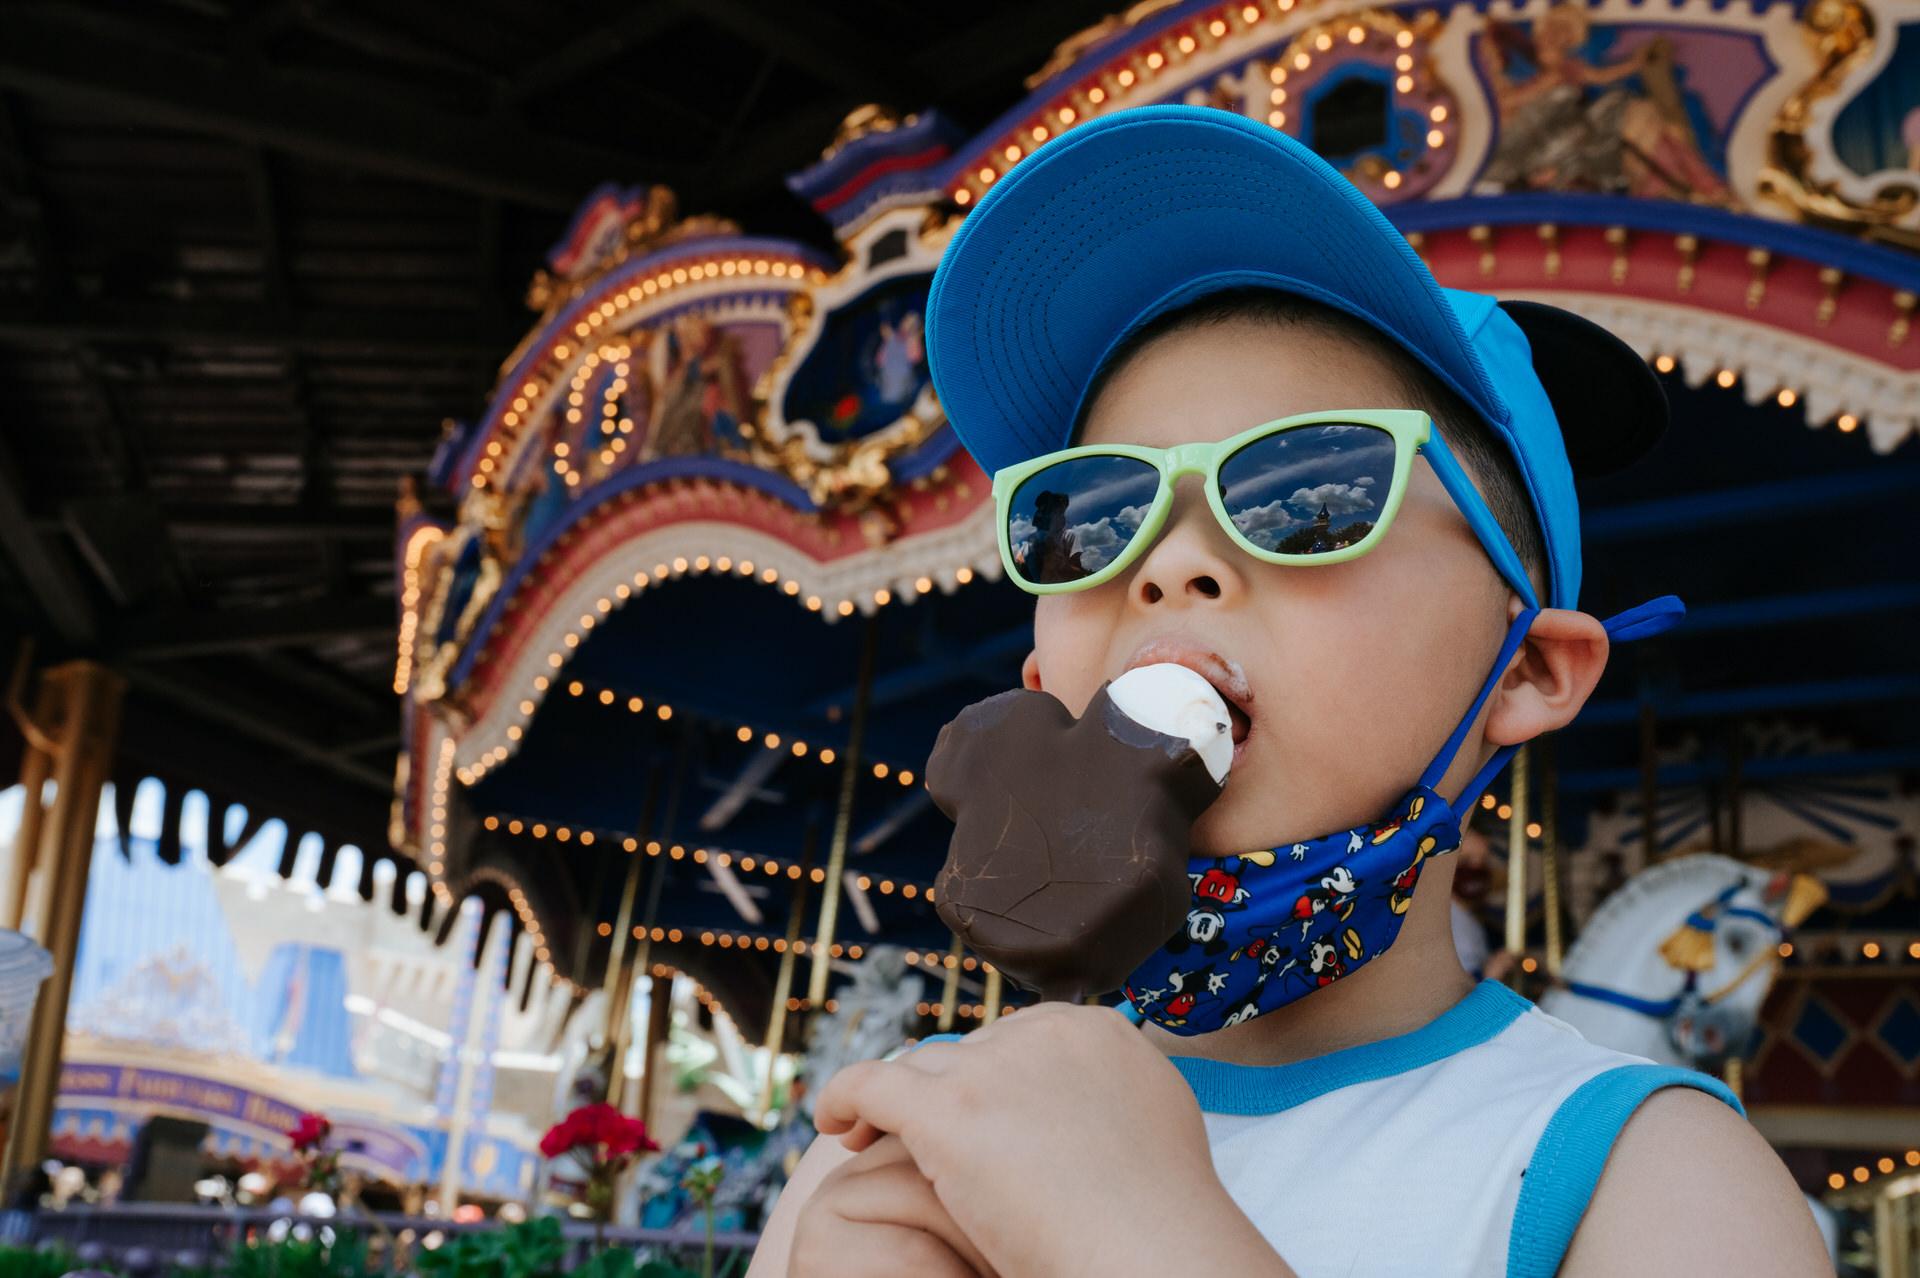 boys enjoys a mickey ice cream bar while waiting for carousel